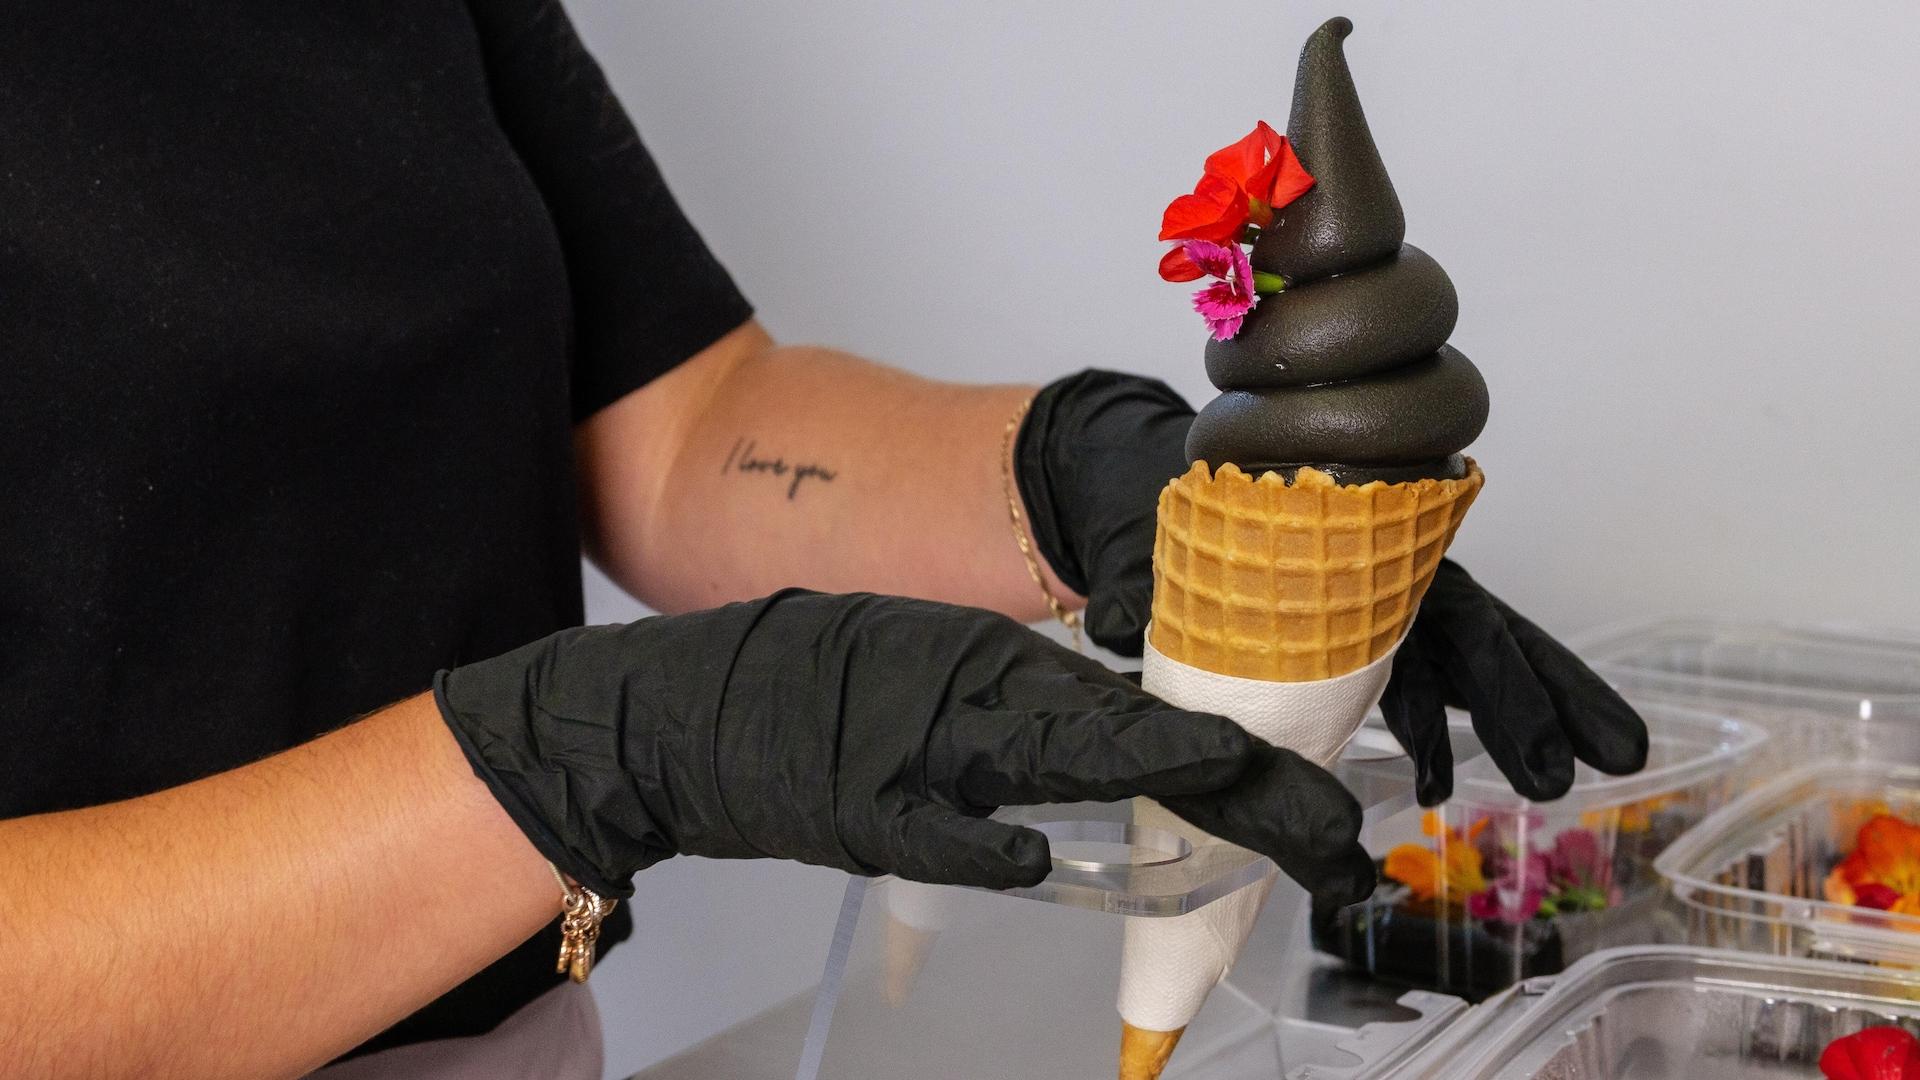 Une jeune femme dépose des fleurs sur un cornet de crème glacée noire.